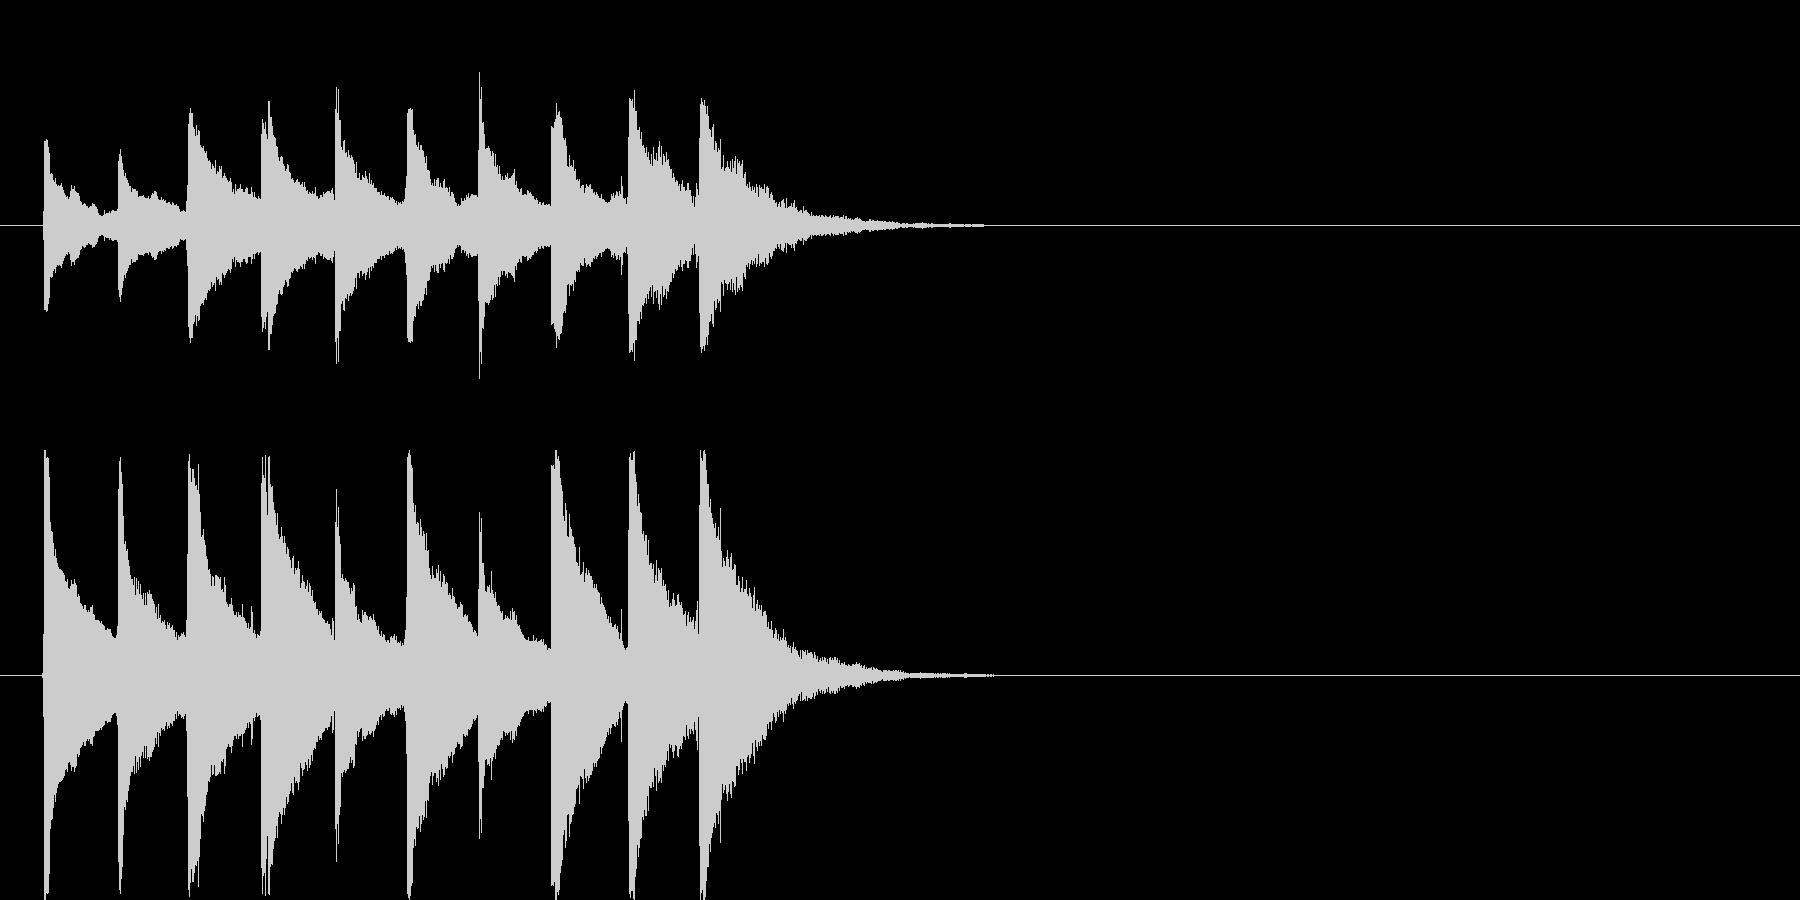 ジングル用途に制作しました。24bit…の未再生の波形